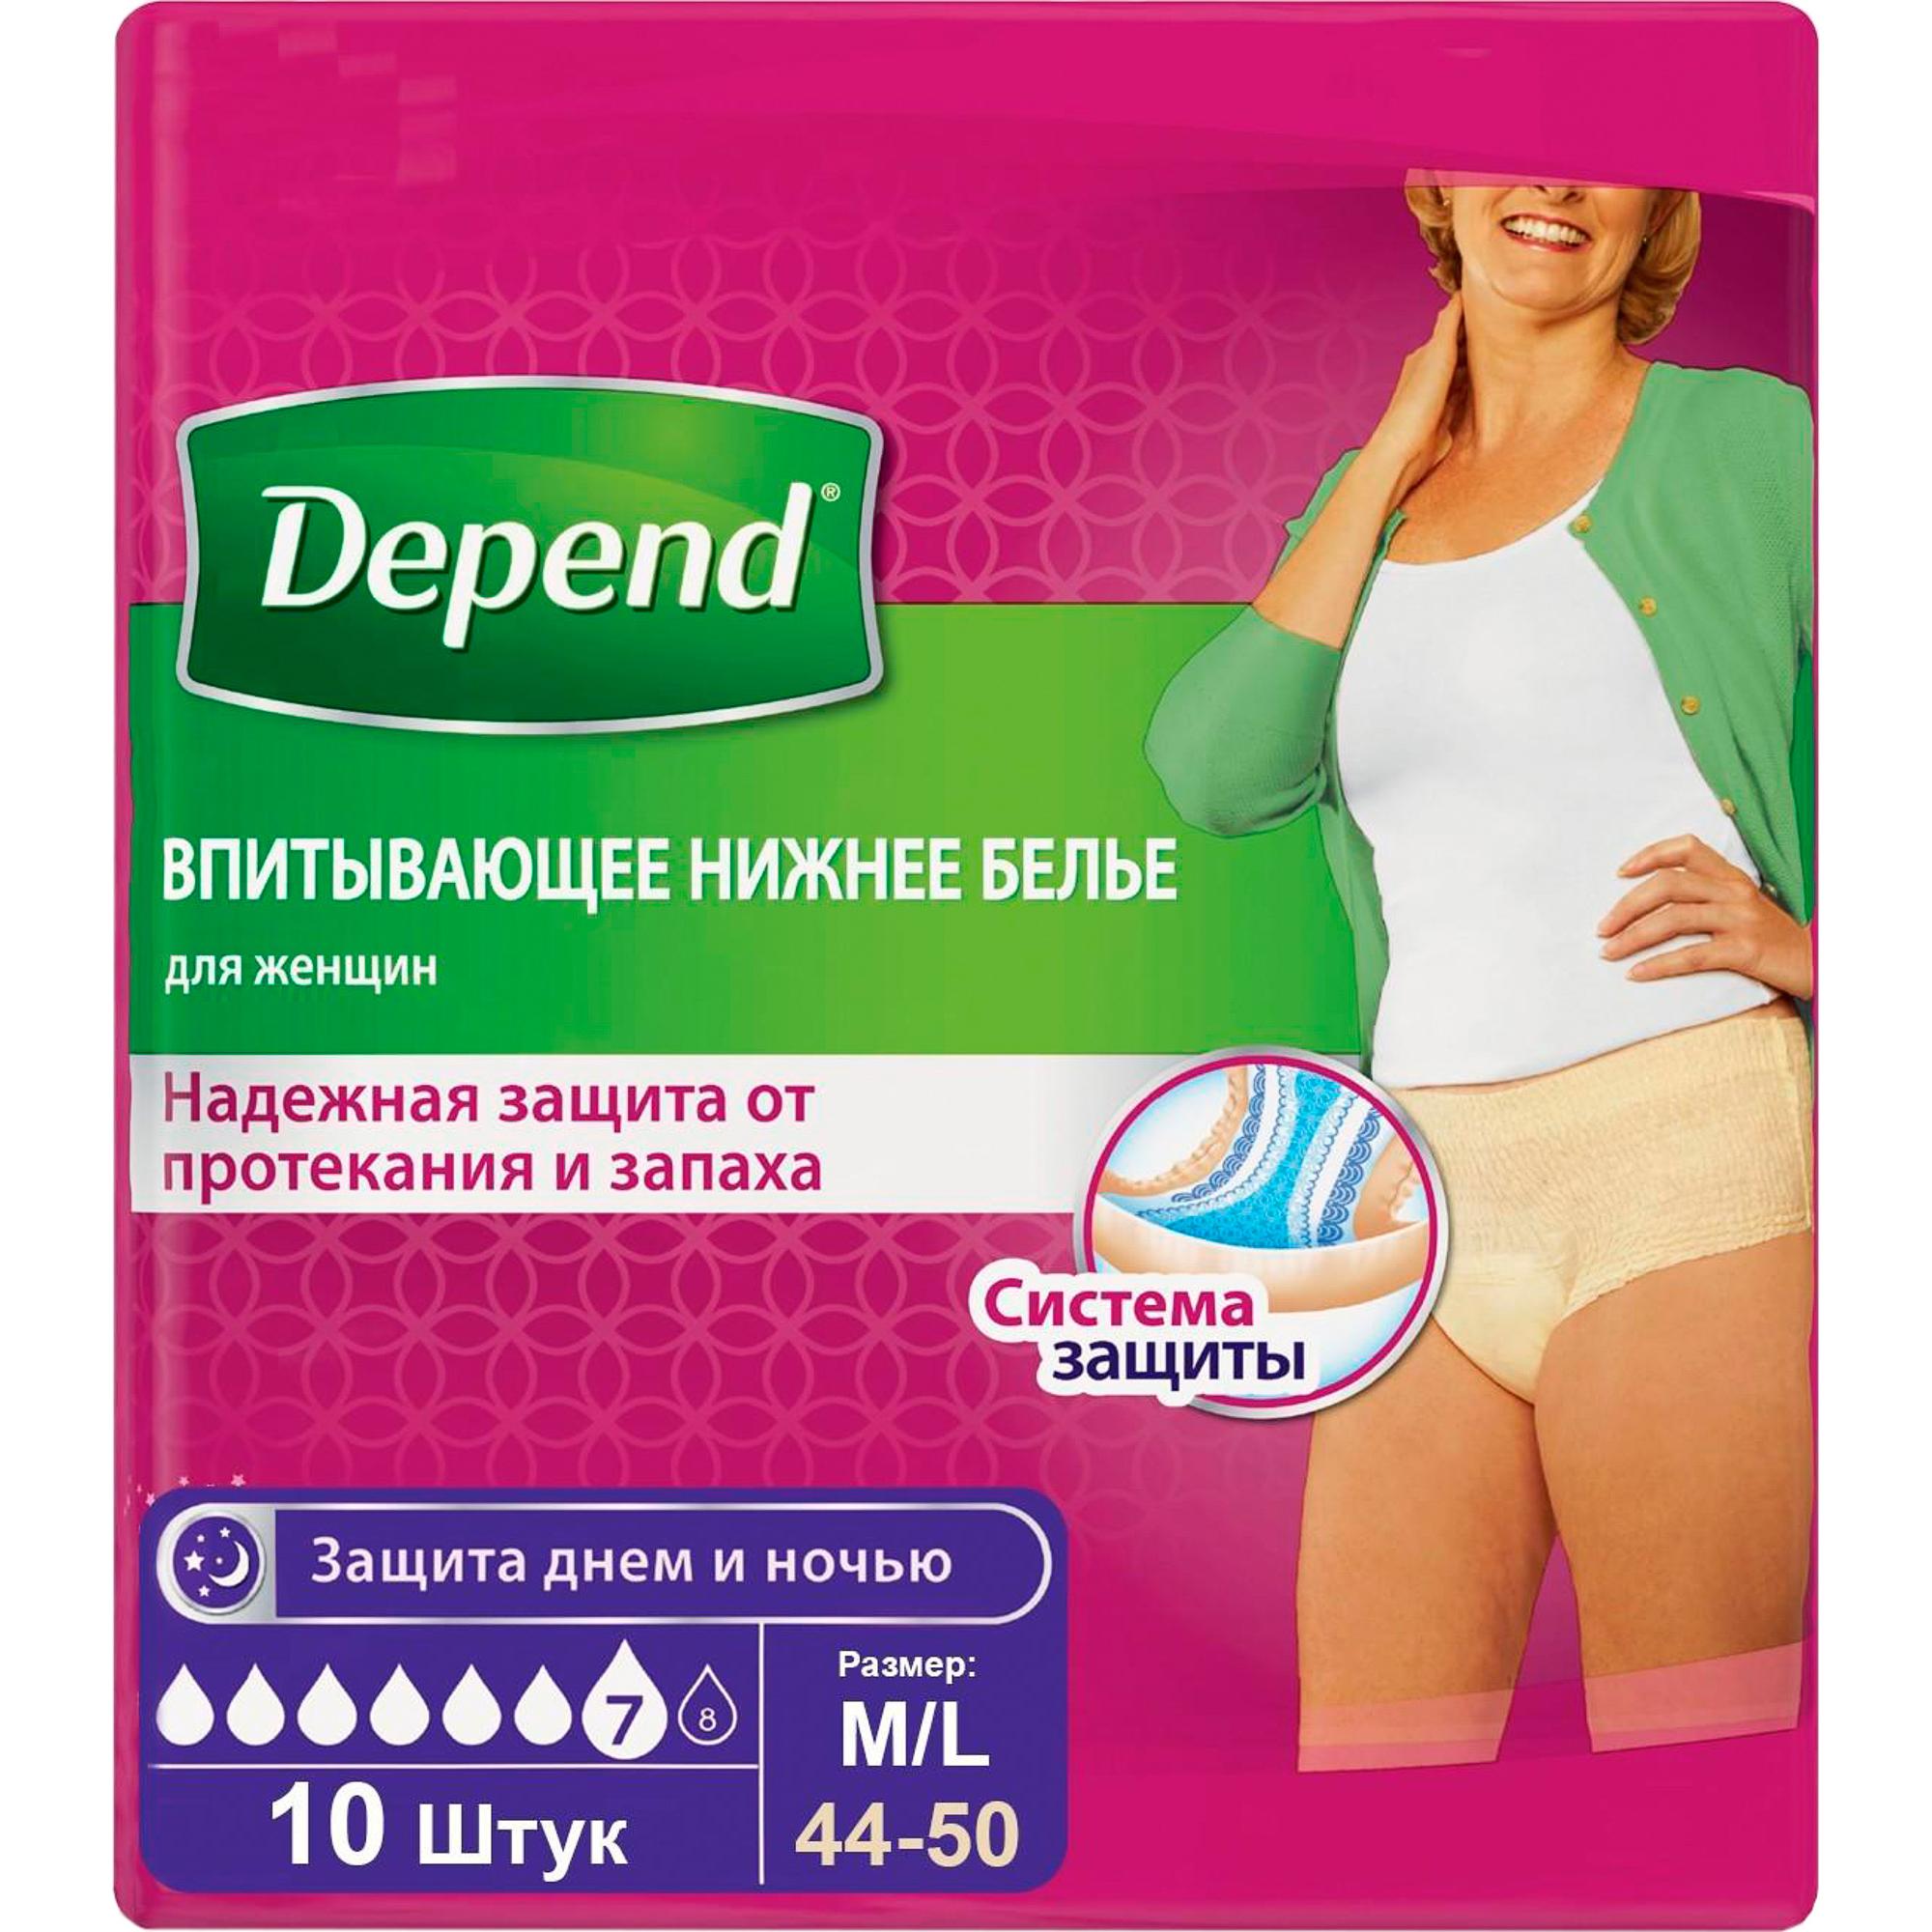 Фото - Впитывающее нижнее белье Depend Для женщин M/L 10 шт абена abena абри джентельмен многоразовое впитывающее белье для мужчин xxl 1шт